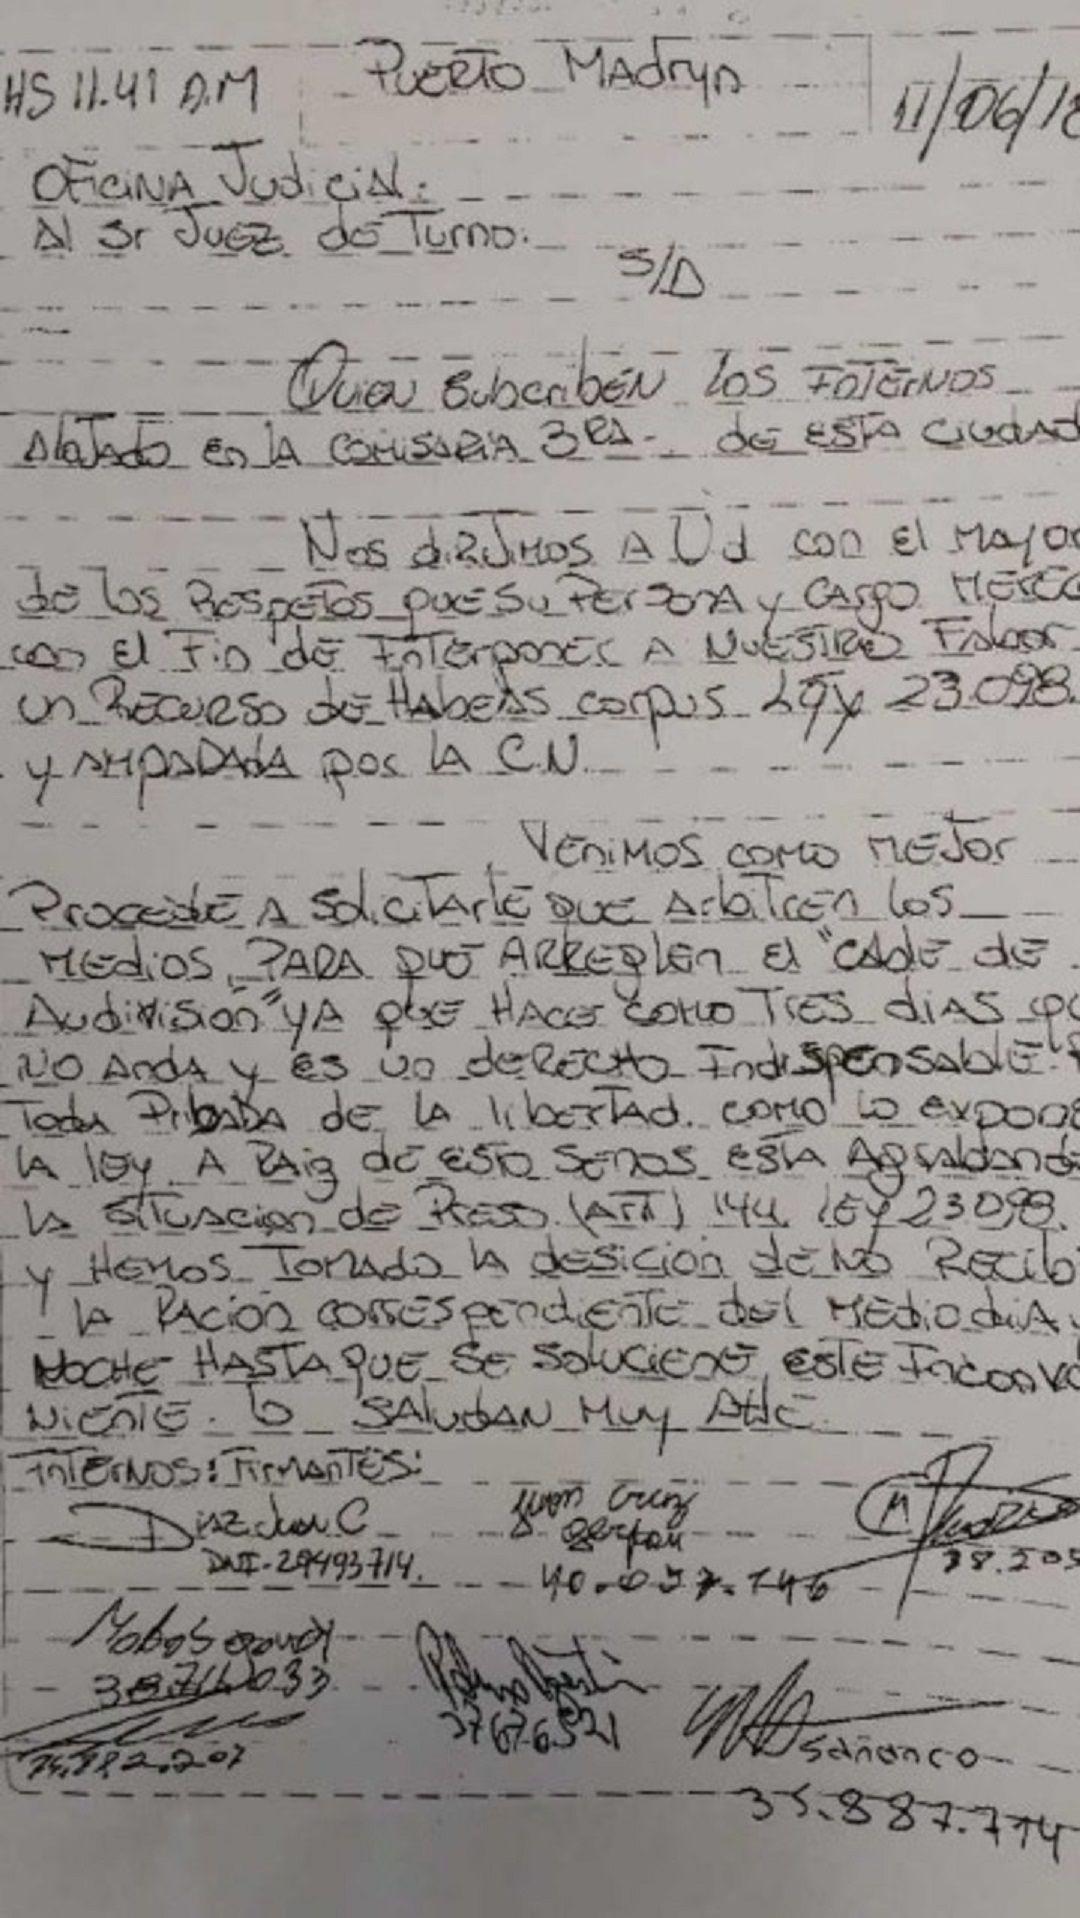 La nota que enviaron al juez de turno de la oficina judicial.